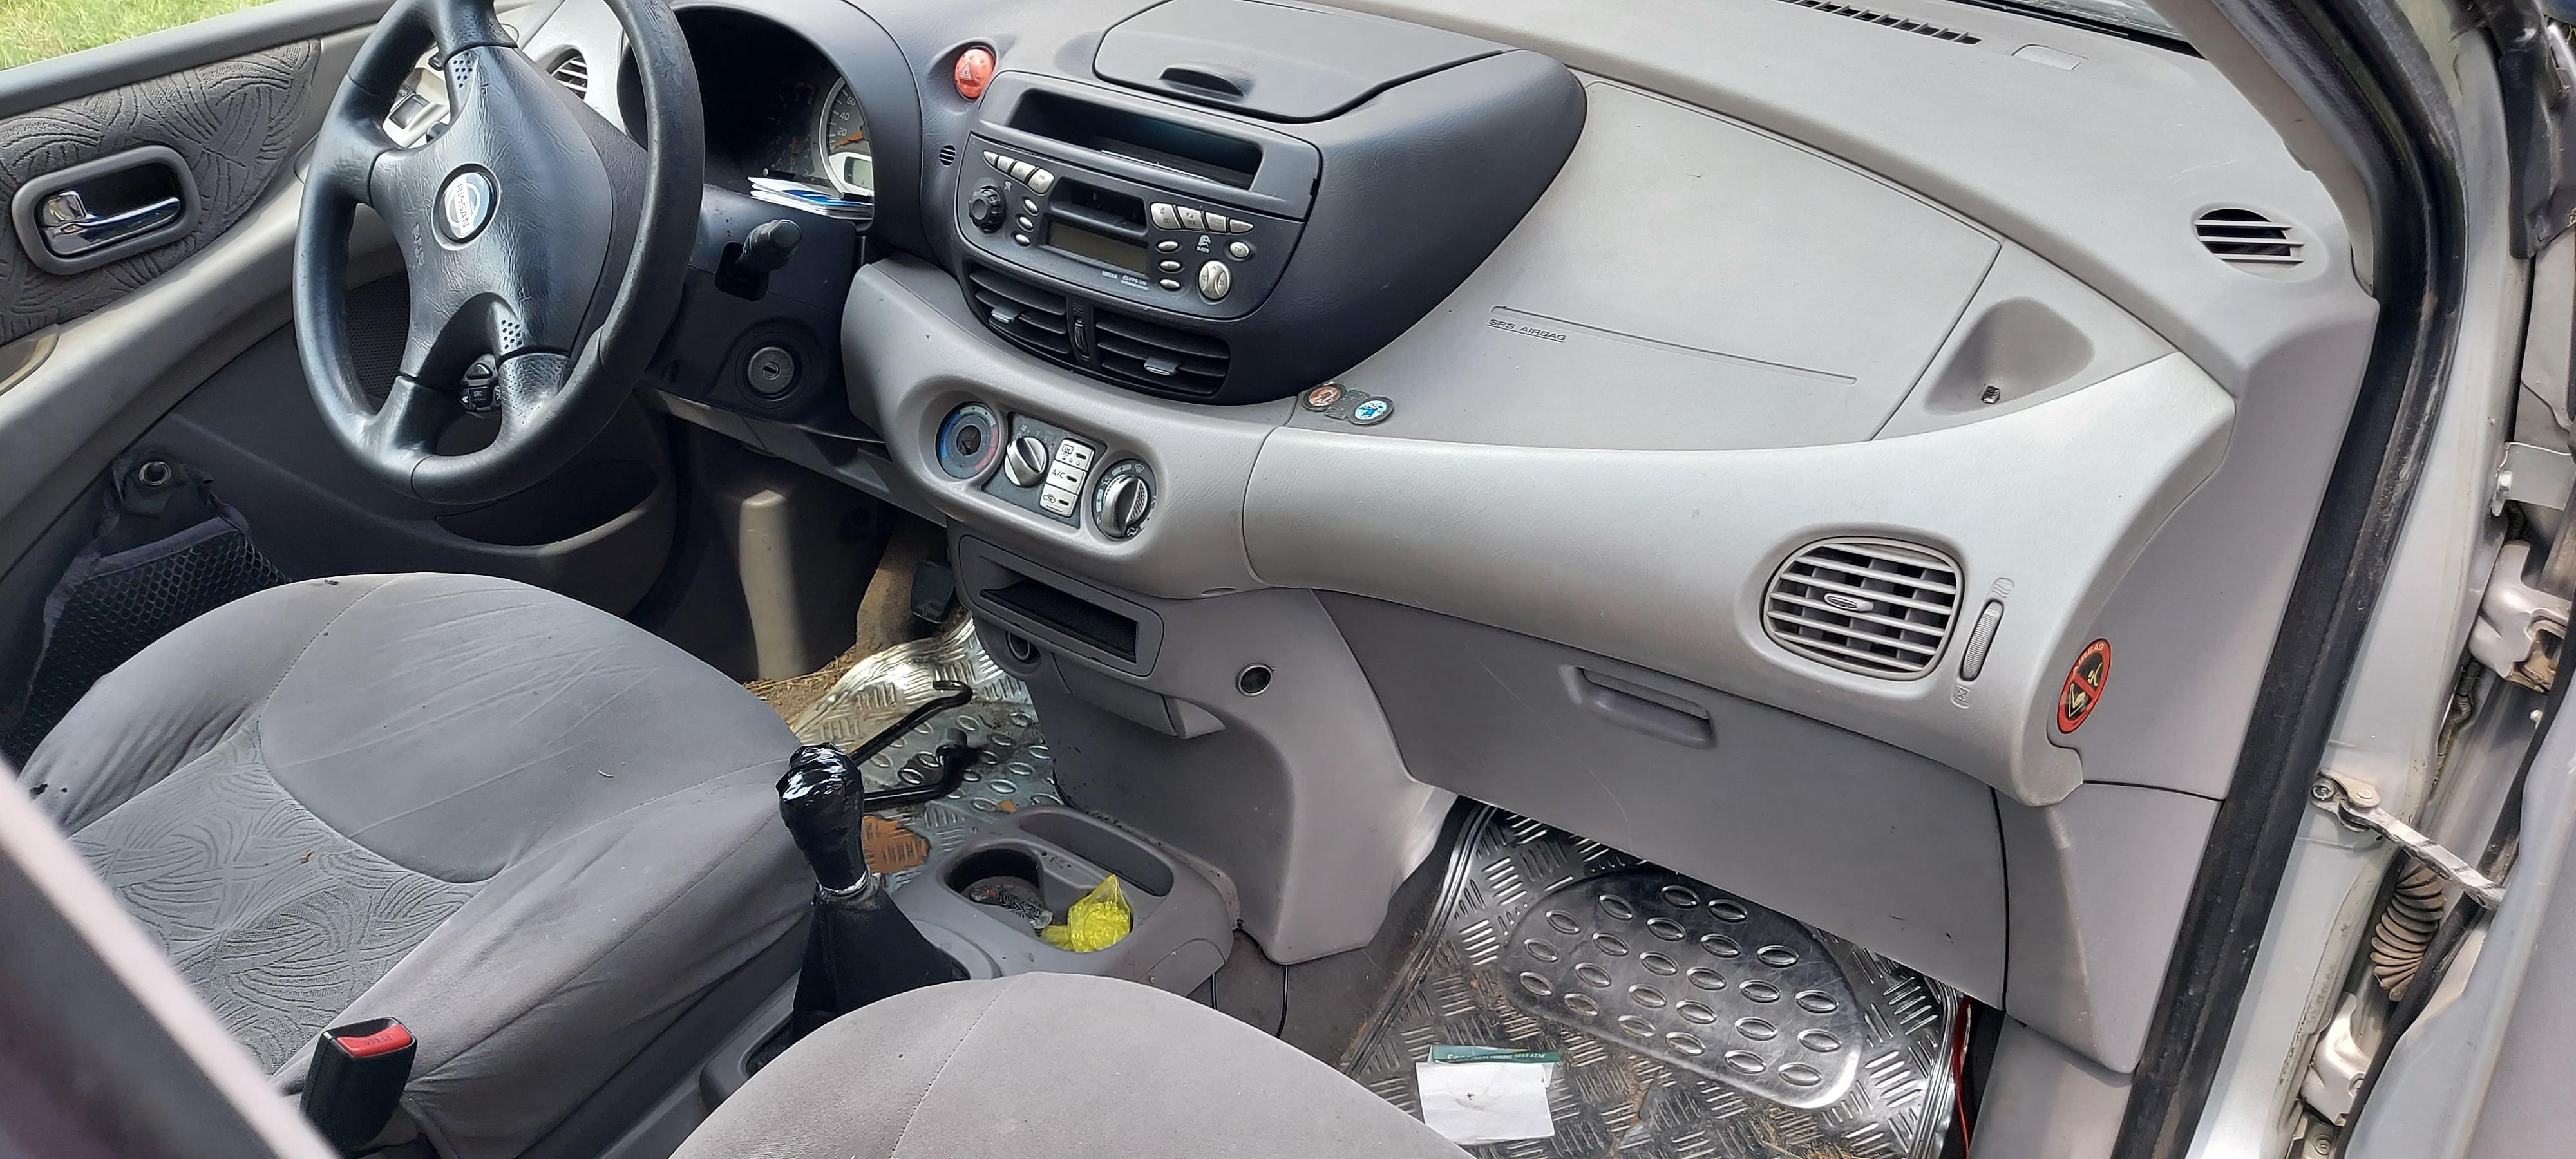 Freemoto - Nissan Almera Tino 2.2 Di – ważne OC, brak BT, w całości lub na części.